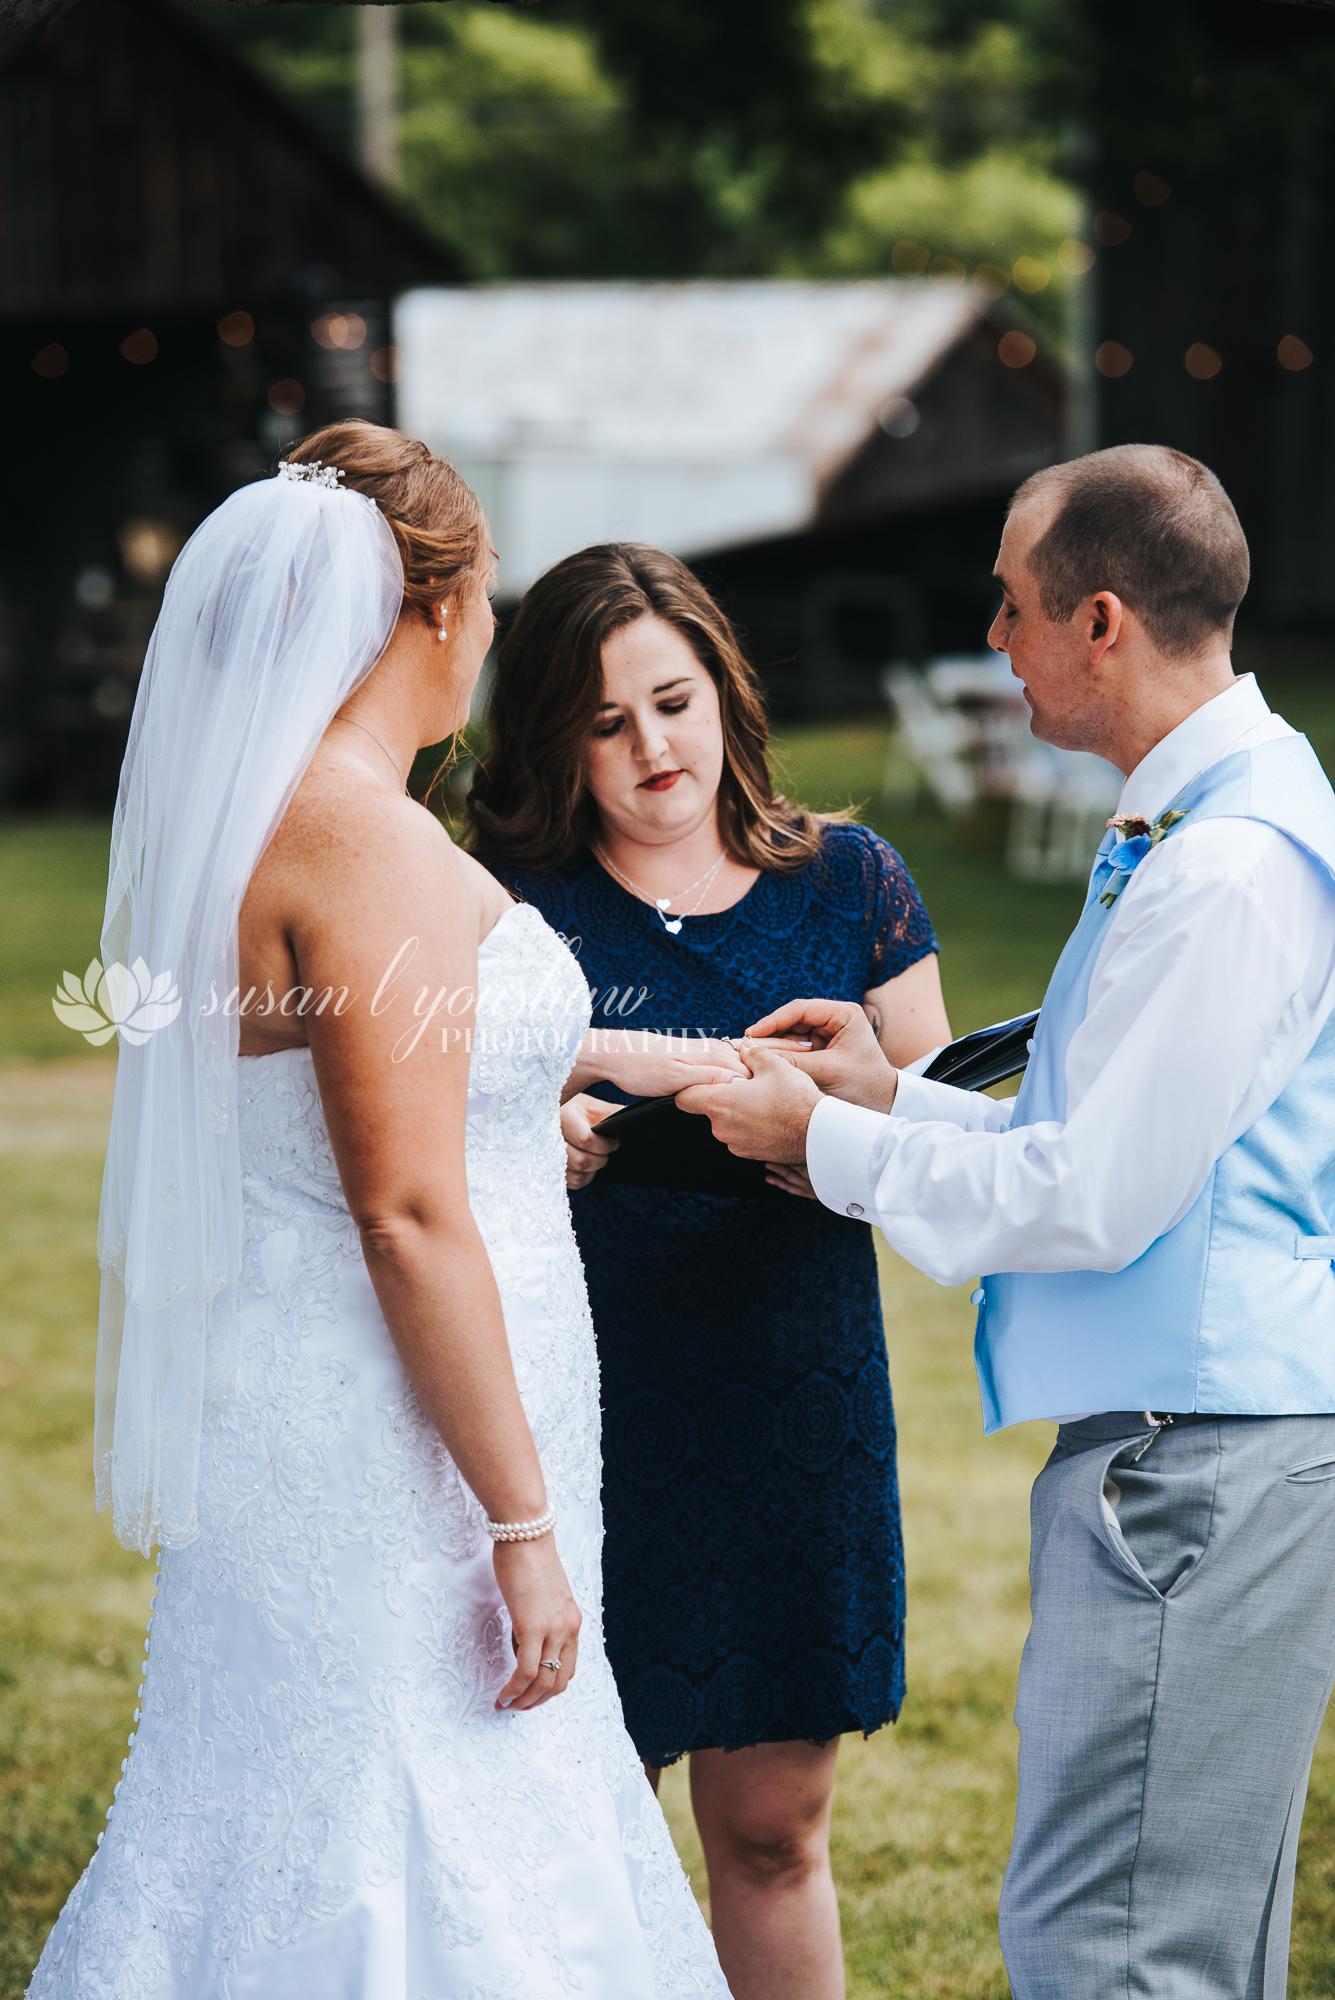 Erin and Jason Wedding Photos 07-06-2019 SLY Photography-101.jpg